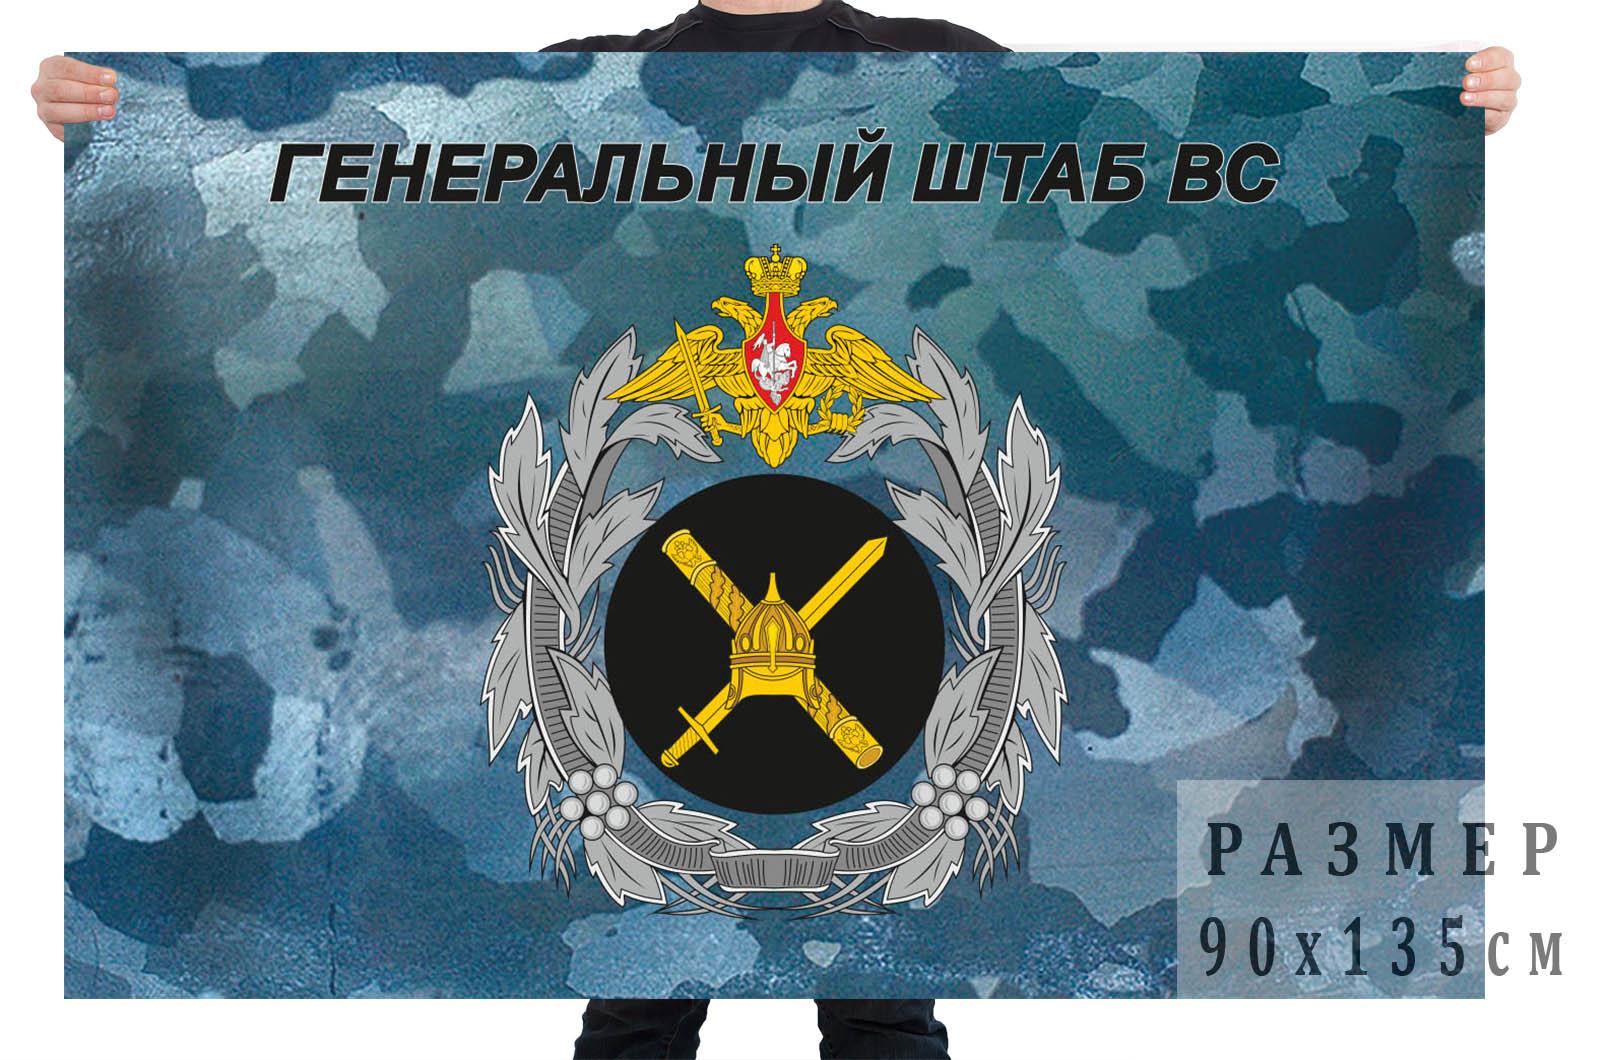 Флаг «Генеральный штаб ВС РФ»